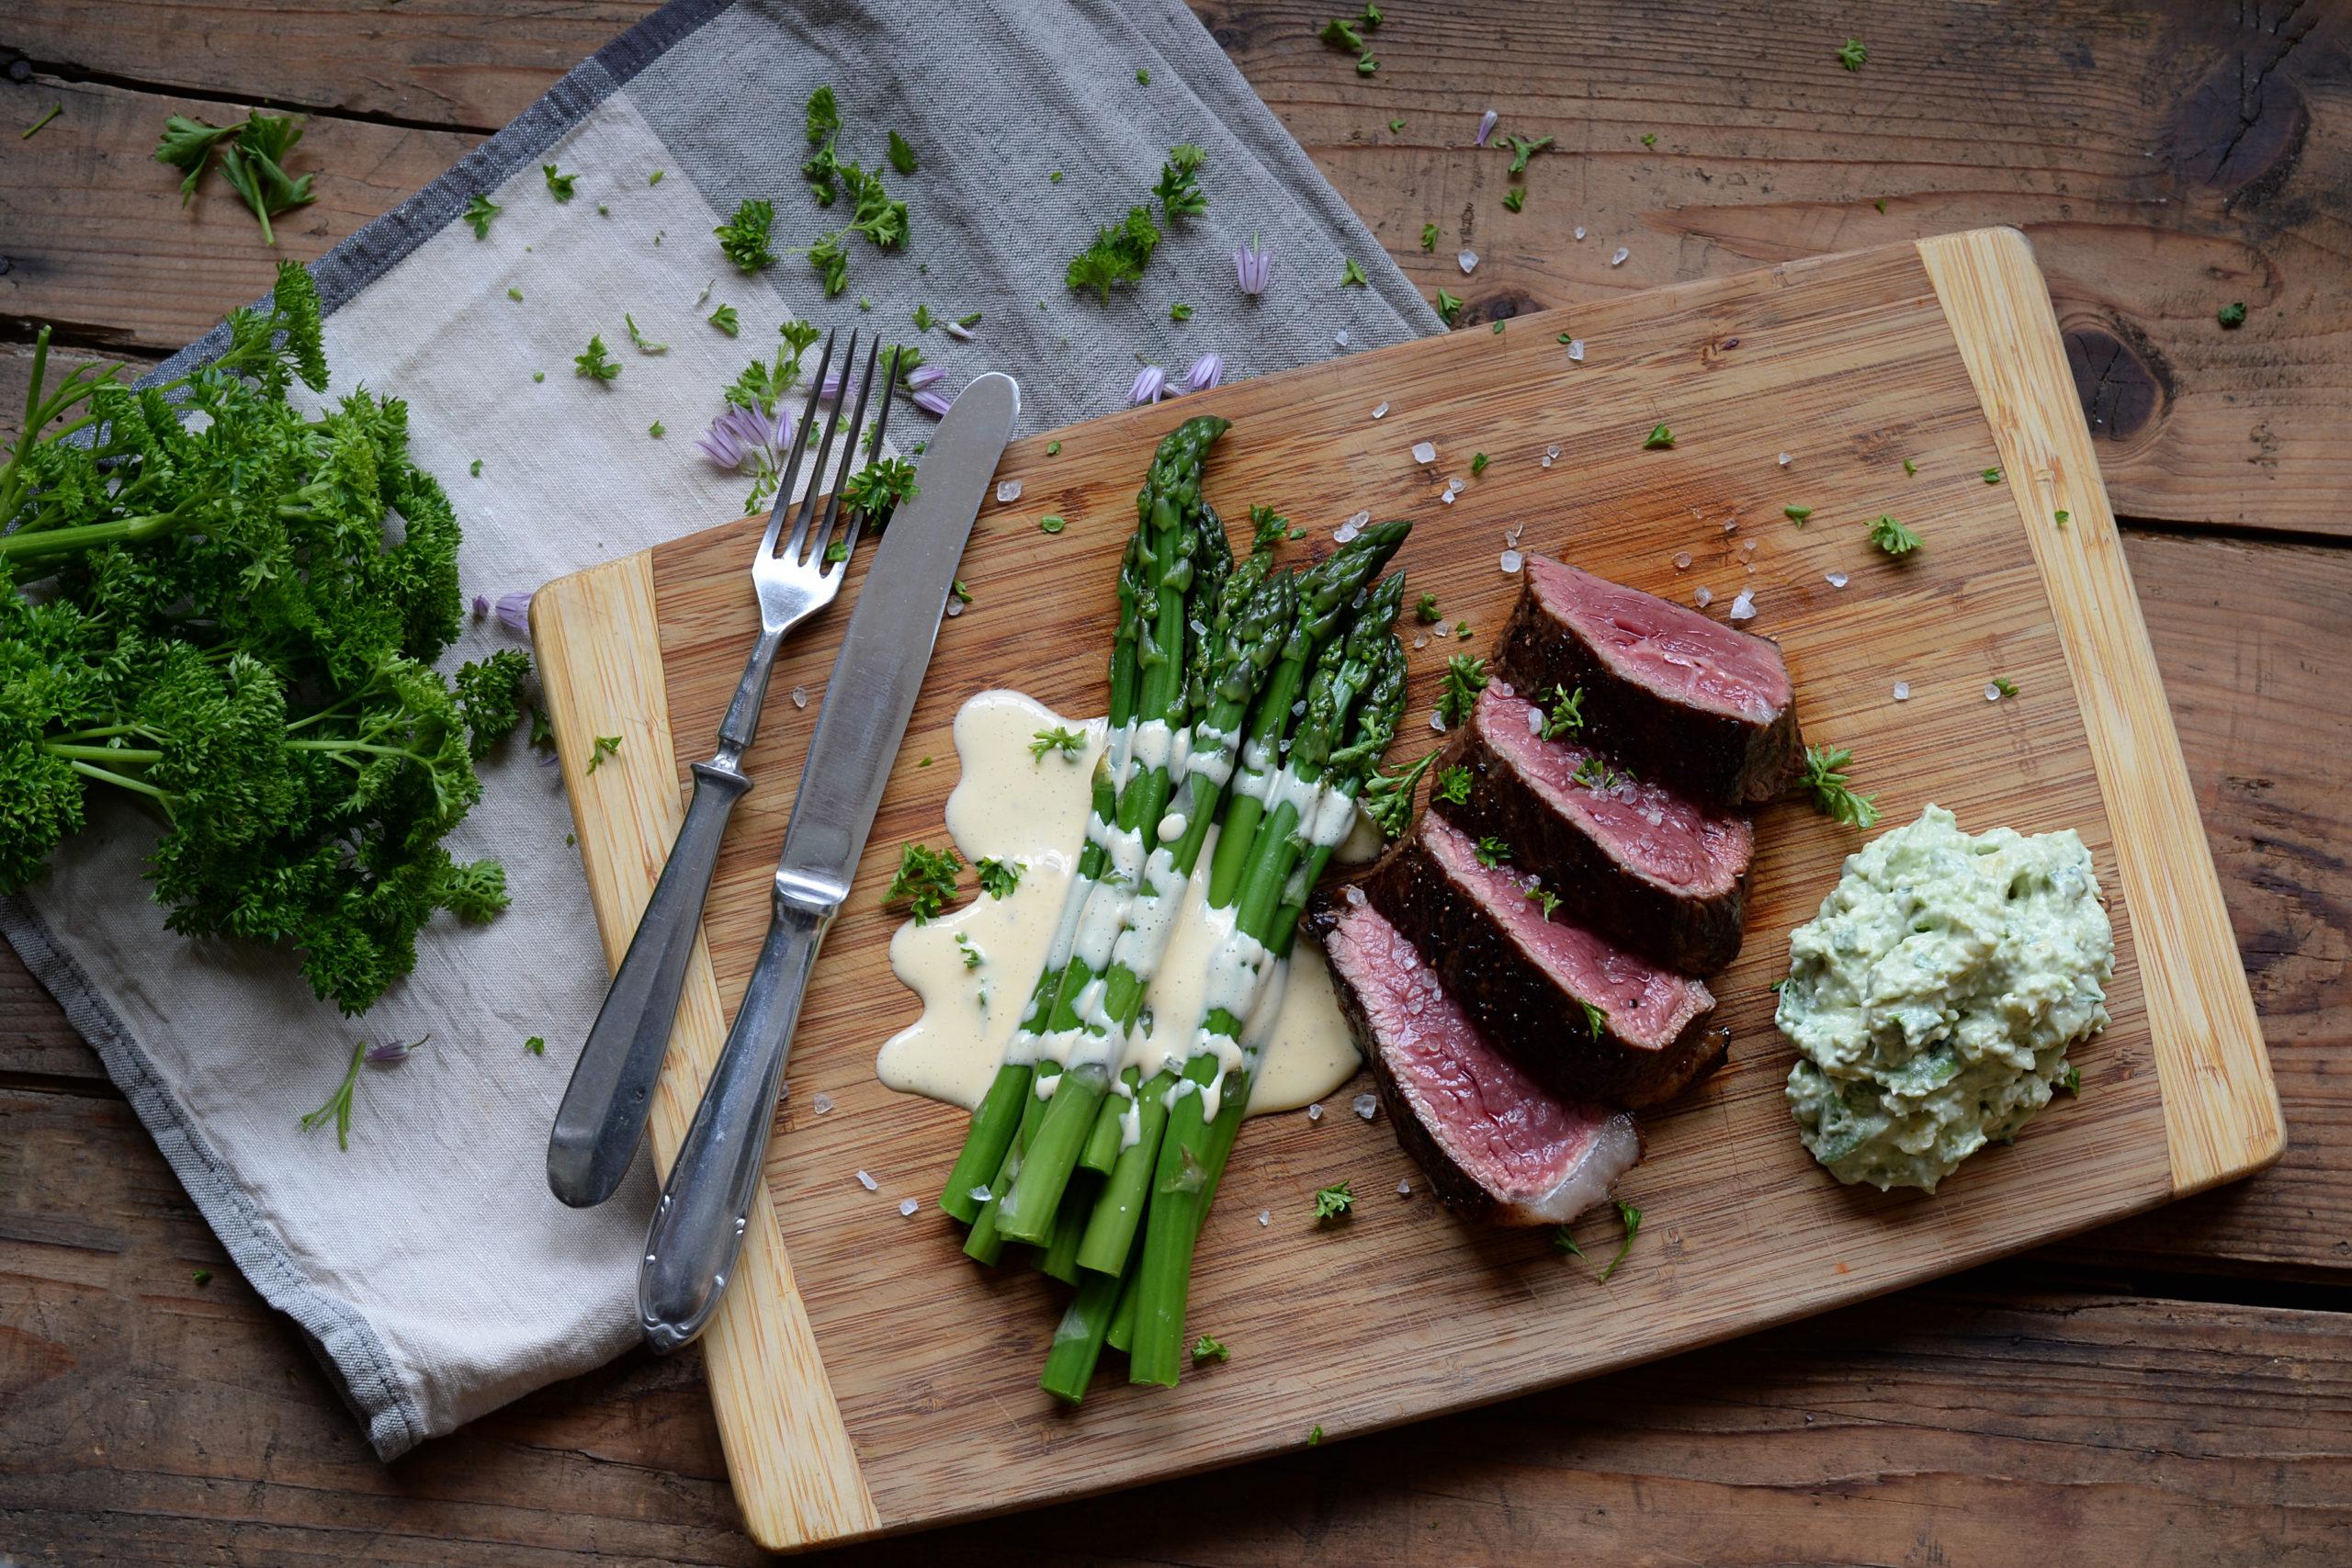 Hovězí steak s chřestem a nivovo-avokádovým dipem